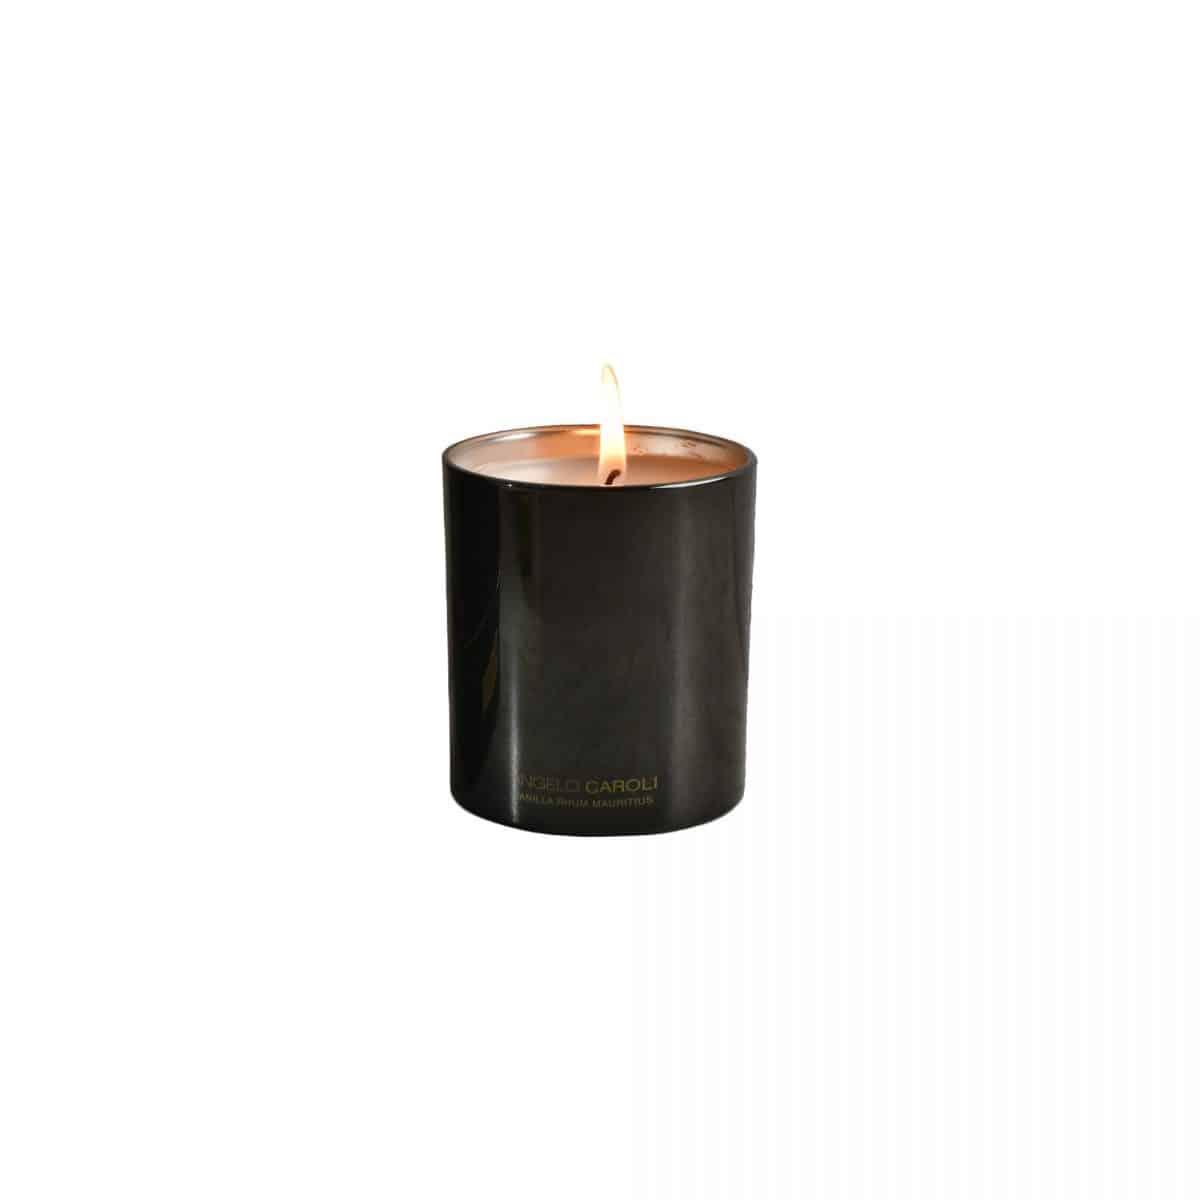 candele profumate vanilla rhum